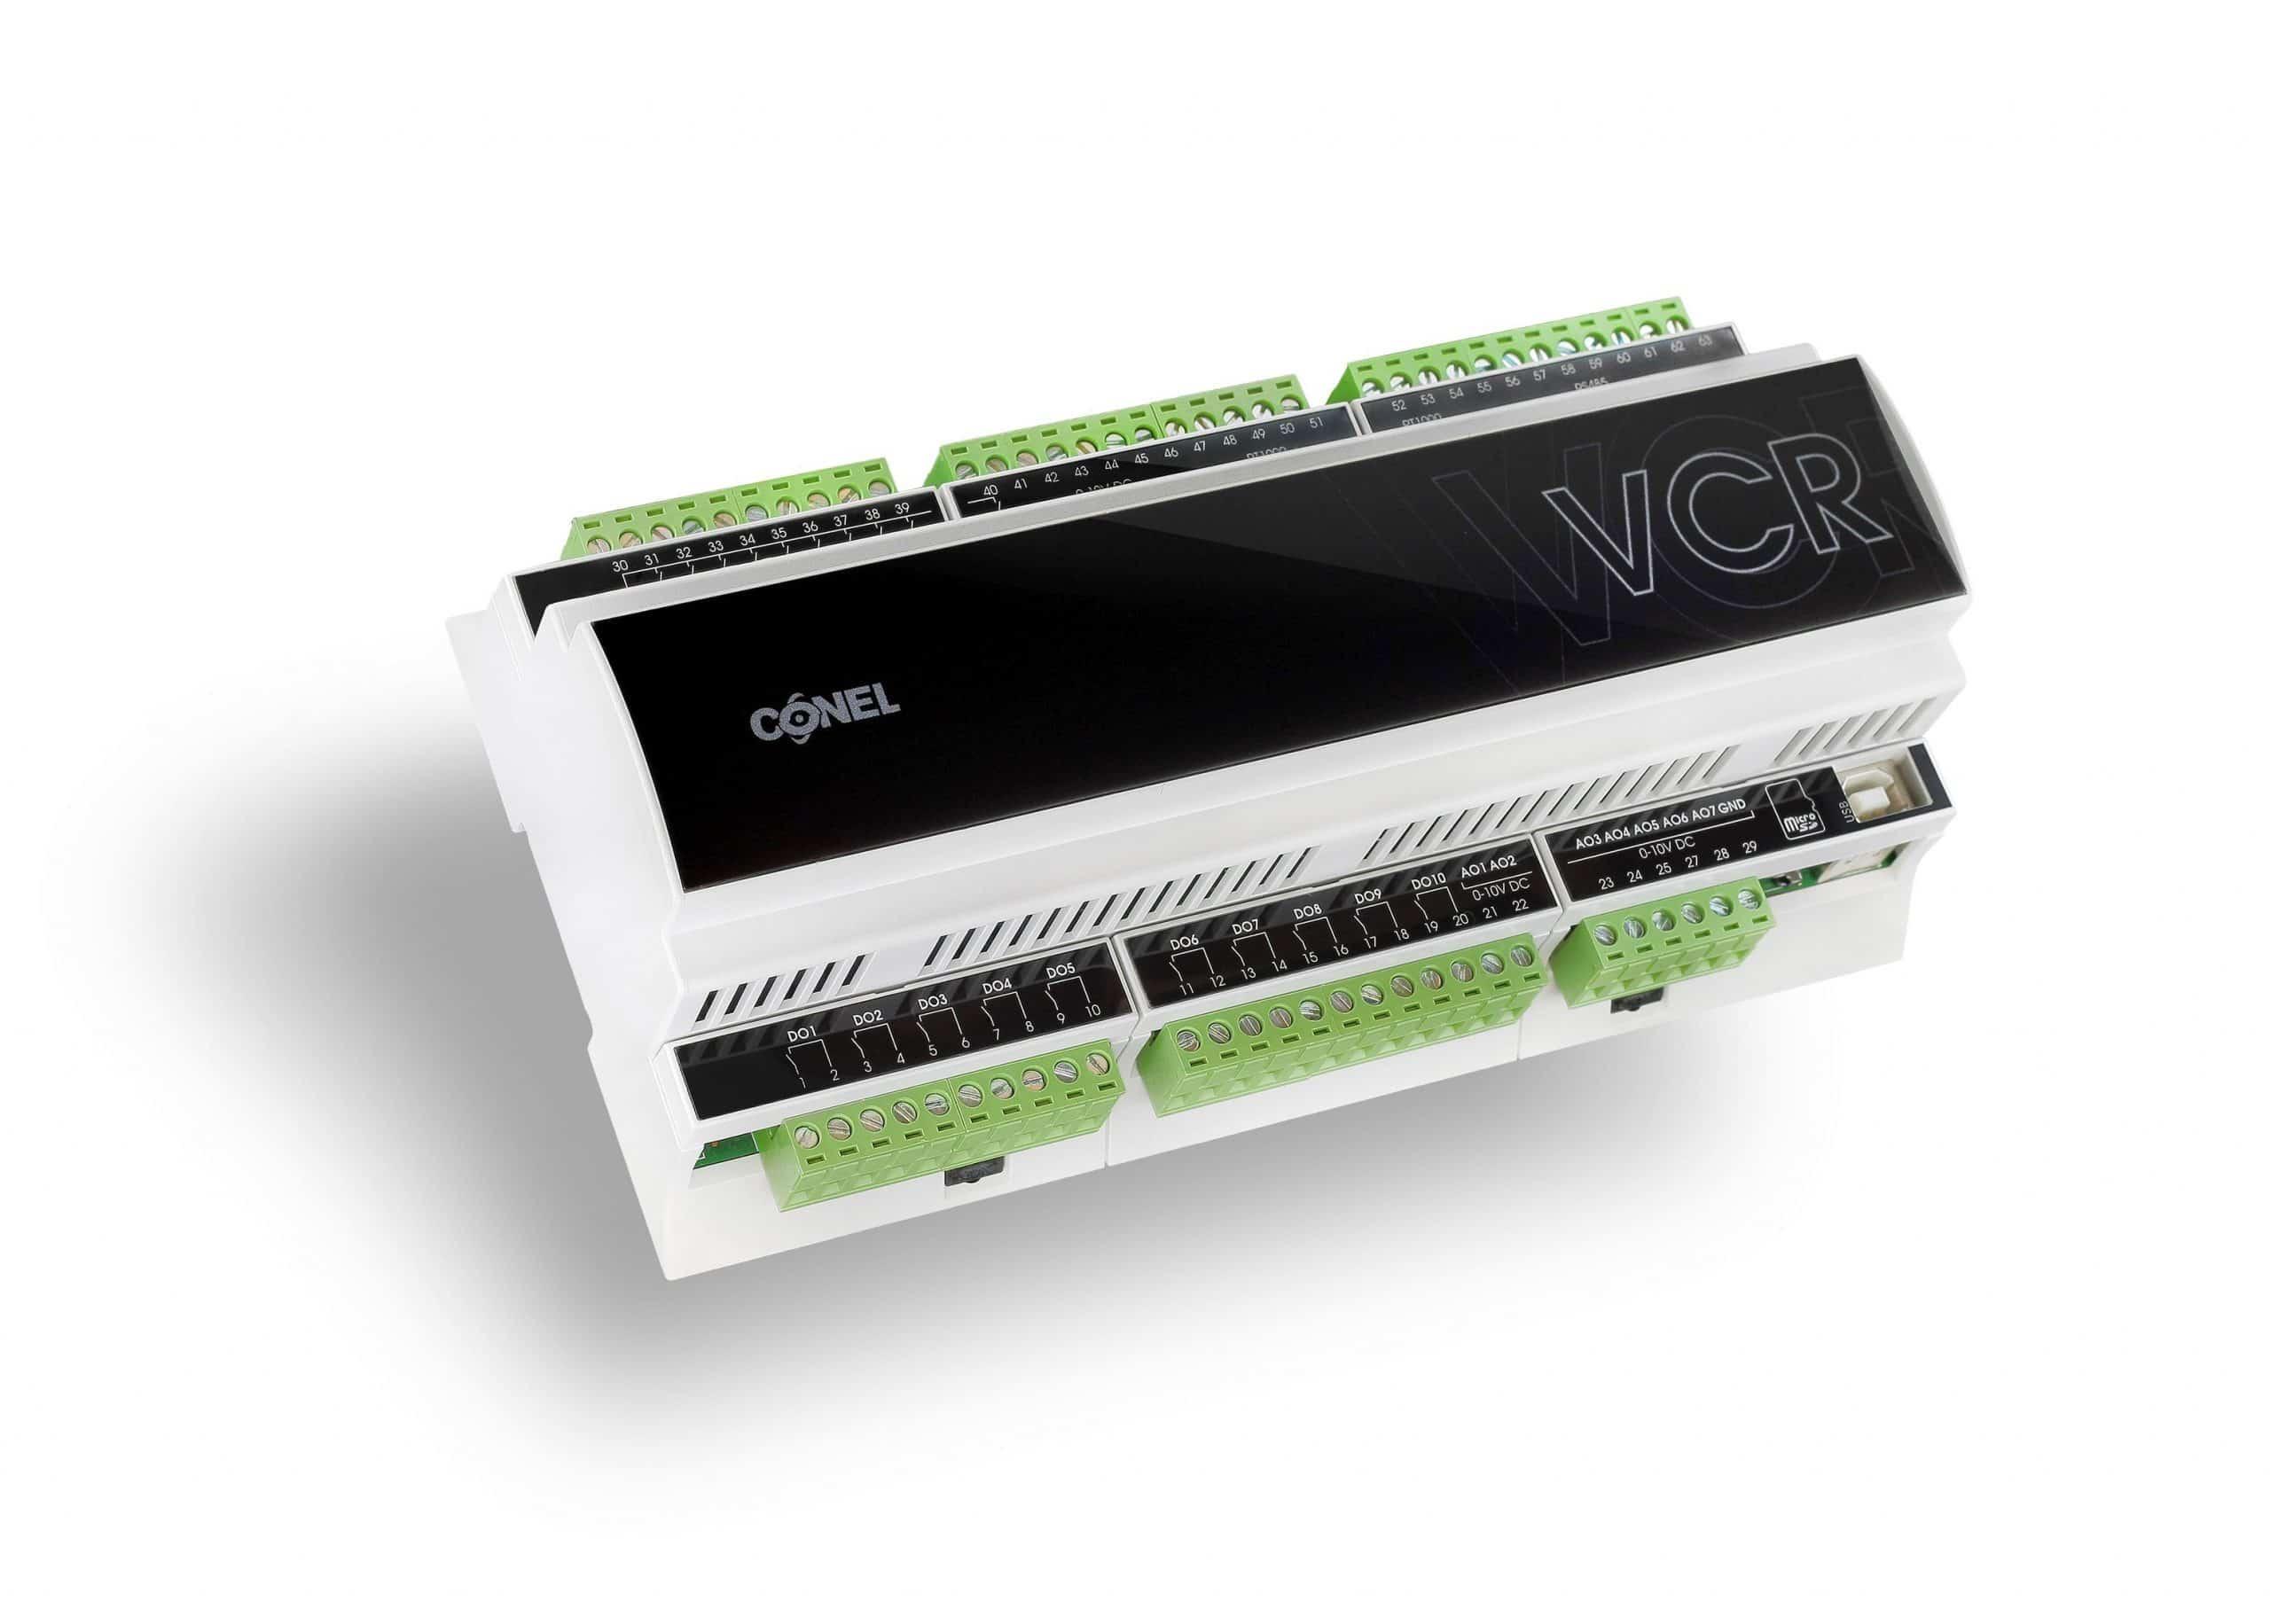 Sterownik VCR do swobodnego programowania hvac DIN z ukosa